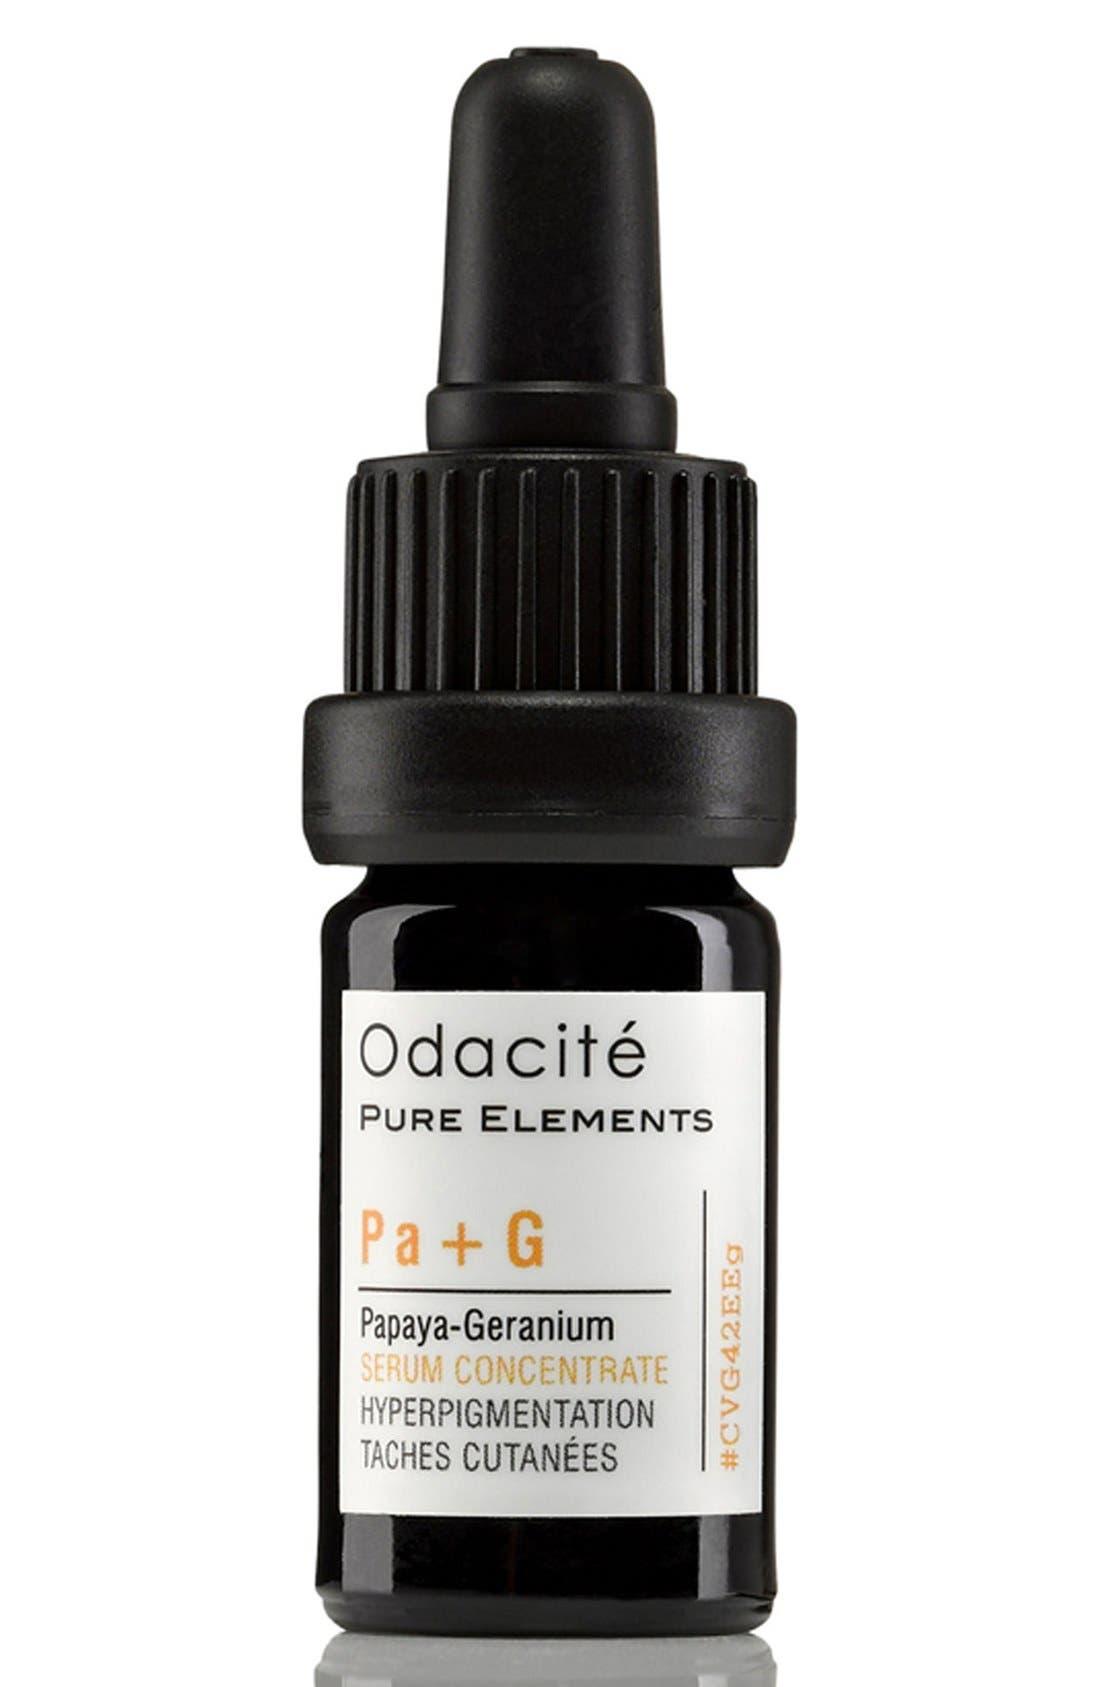 Odacité Pa + G Papaya-Geranium Hyperpigmentation Facial Serum Concentrate